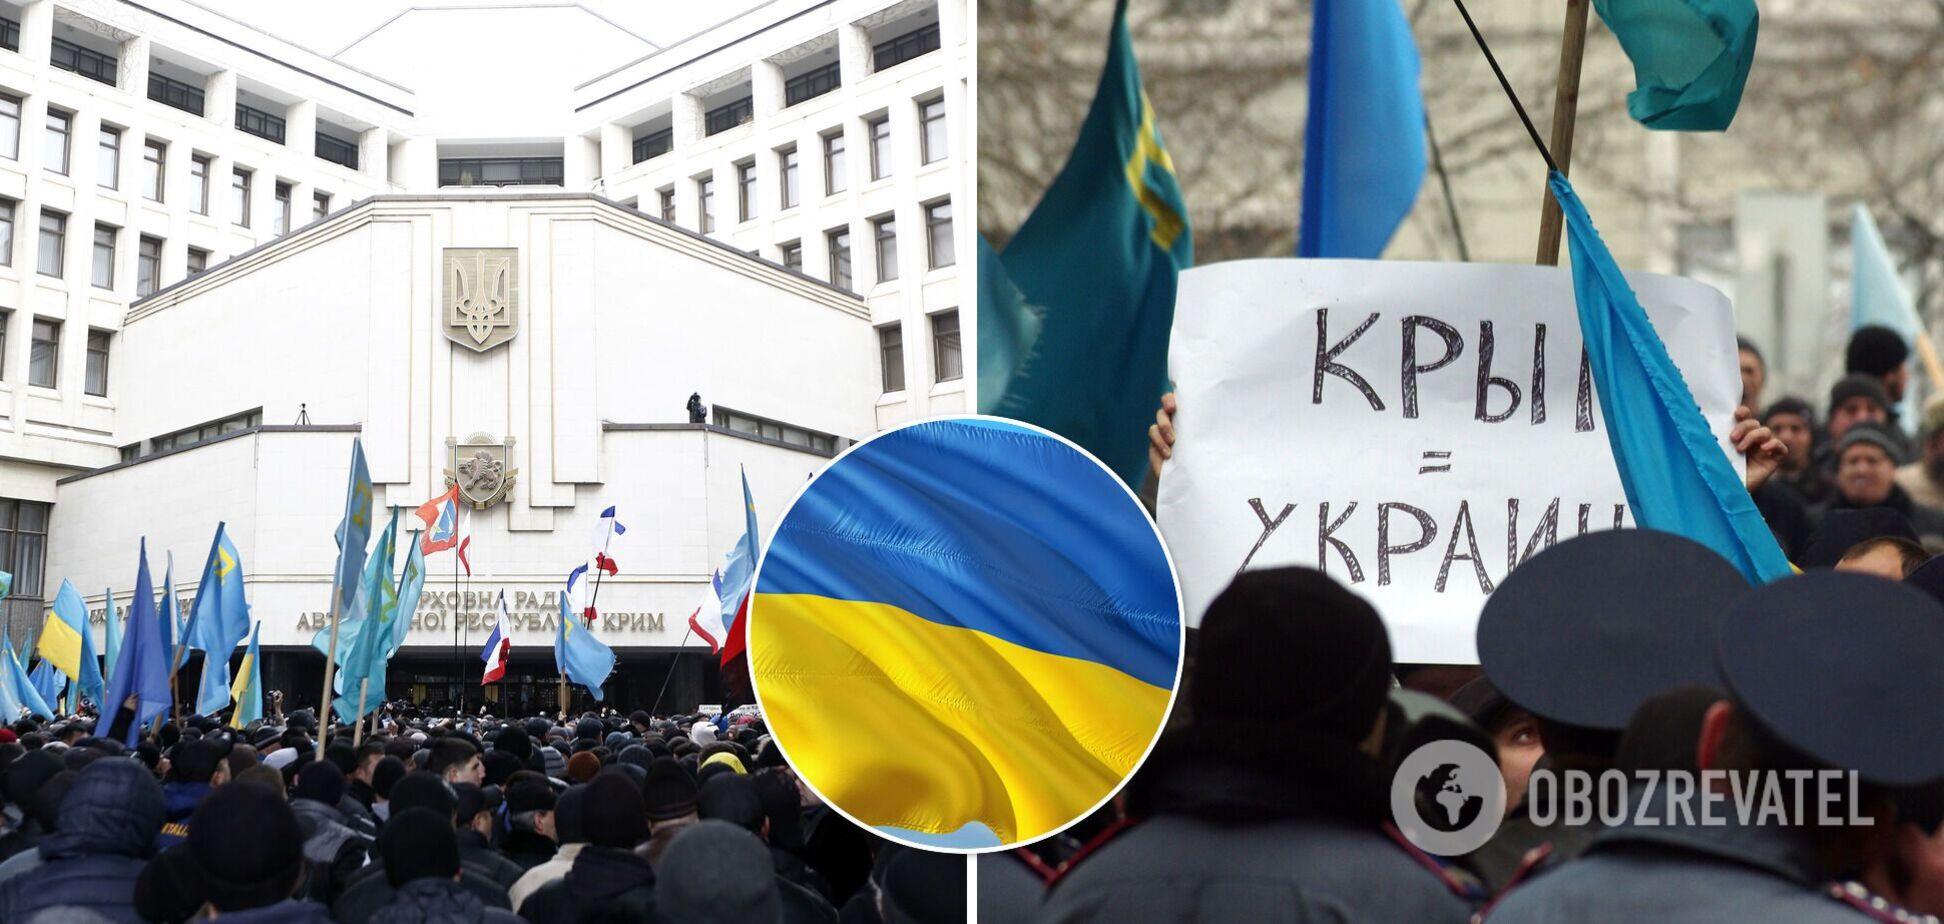 26 лютого 2014 року біля будівлі кримського парламенту в Сімферополі пройшов мітинг на підтримку територіальної цілісності України